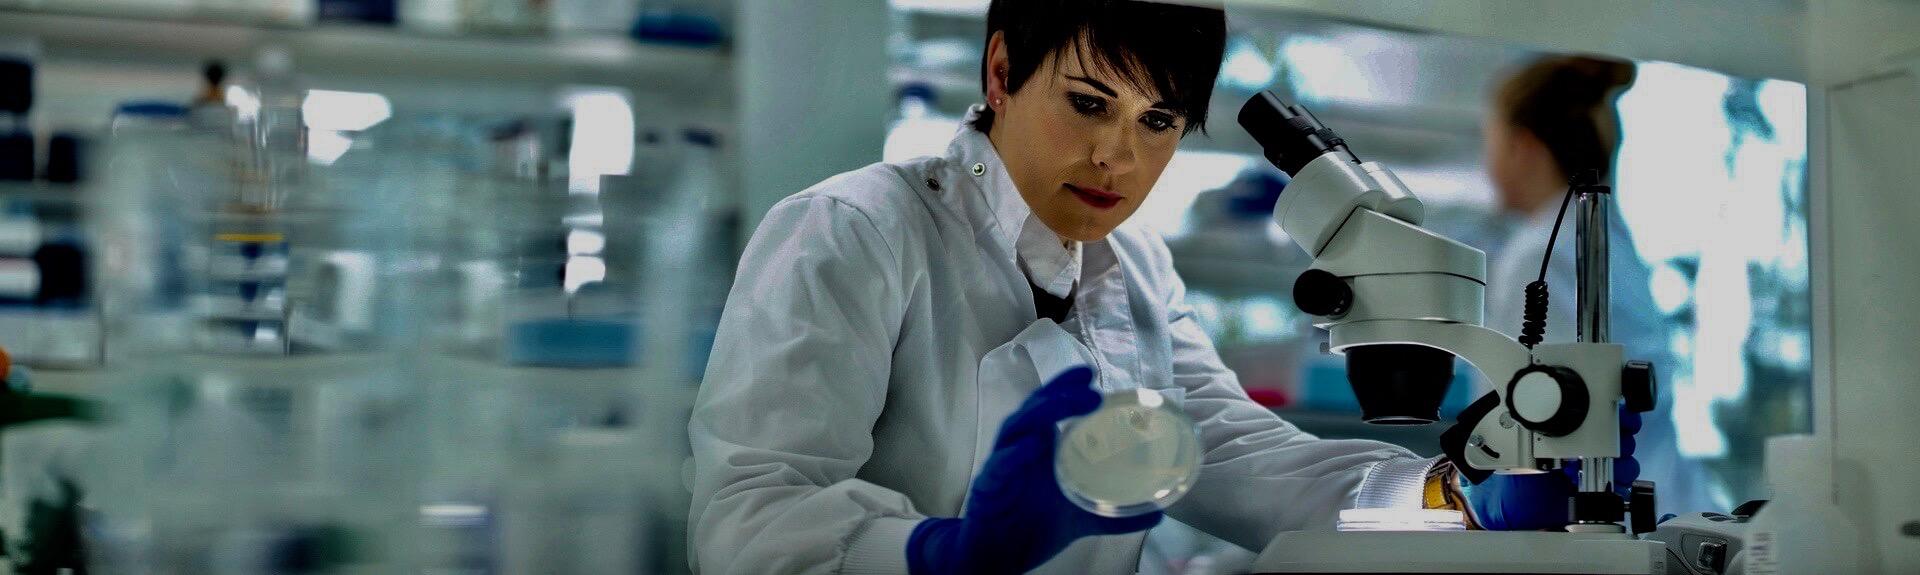 Biochimiste effectuant des analyses dans un laboratoire de recherche